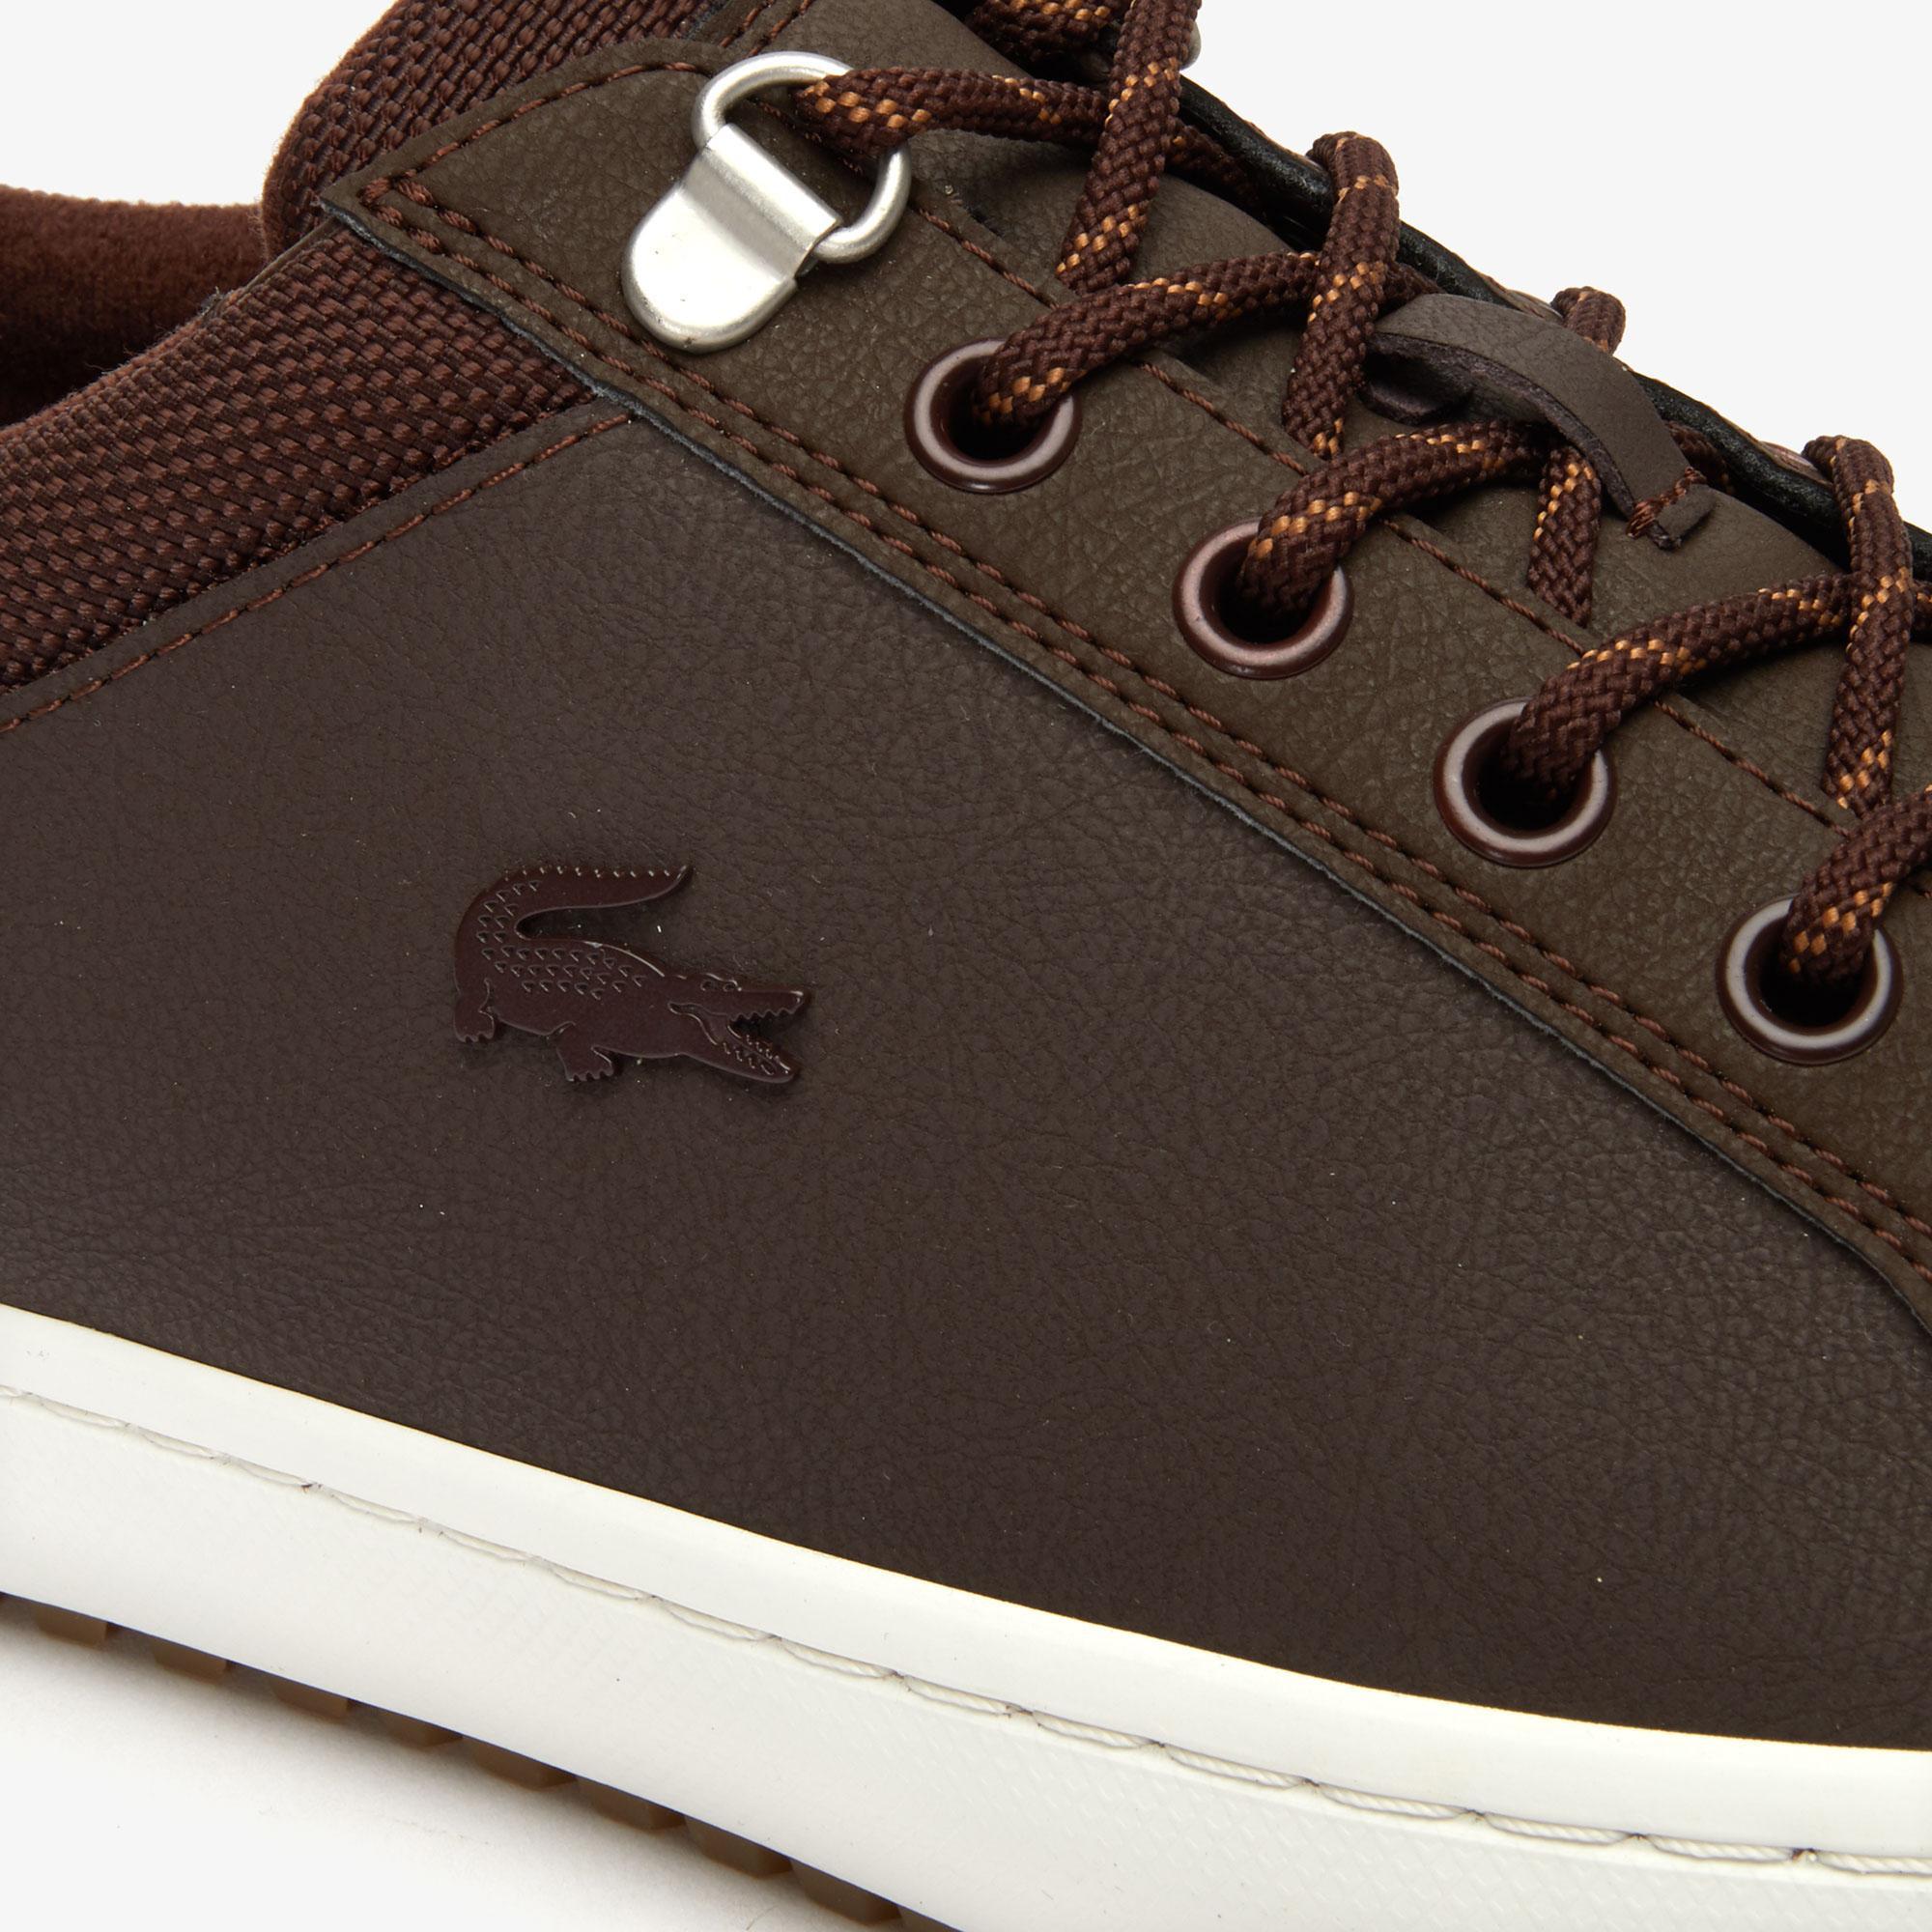 Lacoste Straightset Insulate 3192 Cma Erkek Koyu Kahverengi - Bej Sneaker